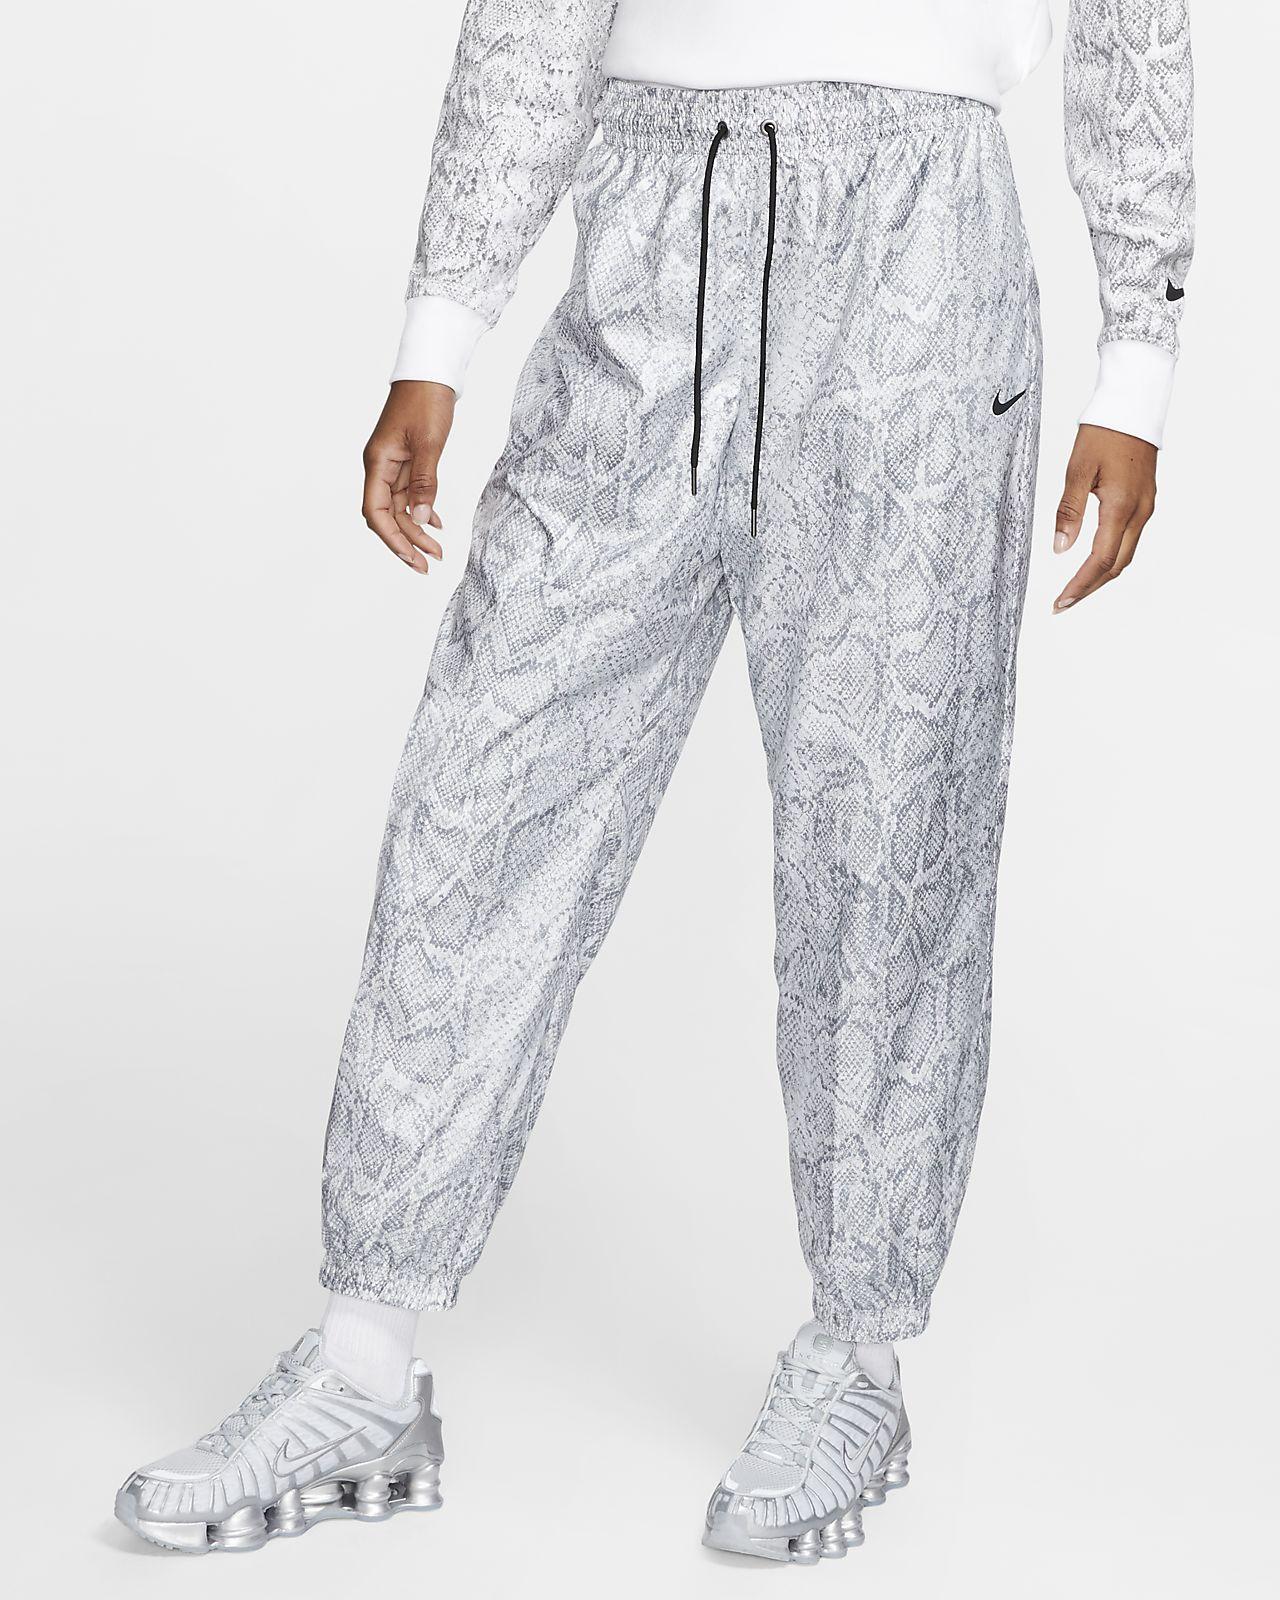 Dámské tkané kalhoty Nike Sportswear